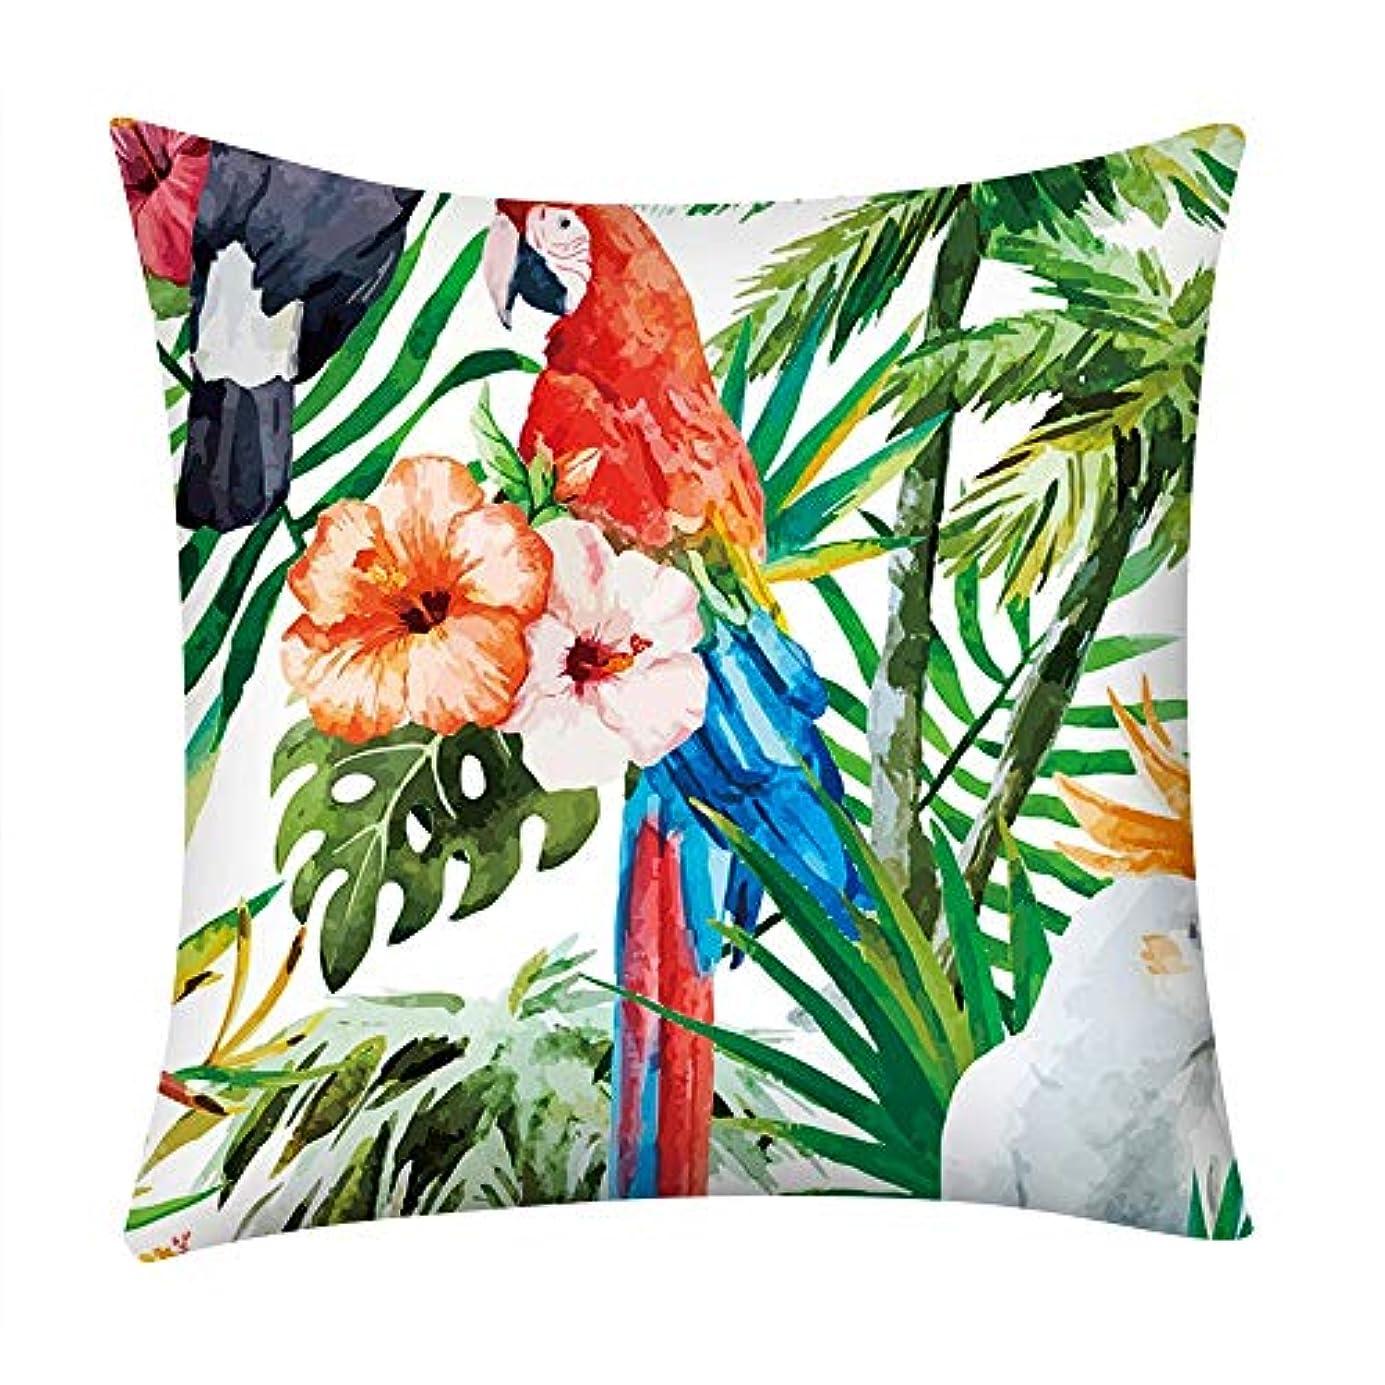 オフェンス雑多なこしょうLIFE Decorative ソファプリント枕コージー用ポリエステルソファ車のクッション枕家の装飾家の装飾 coussin decoratif クッション 椅子